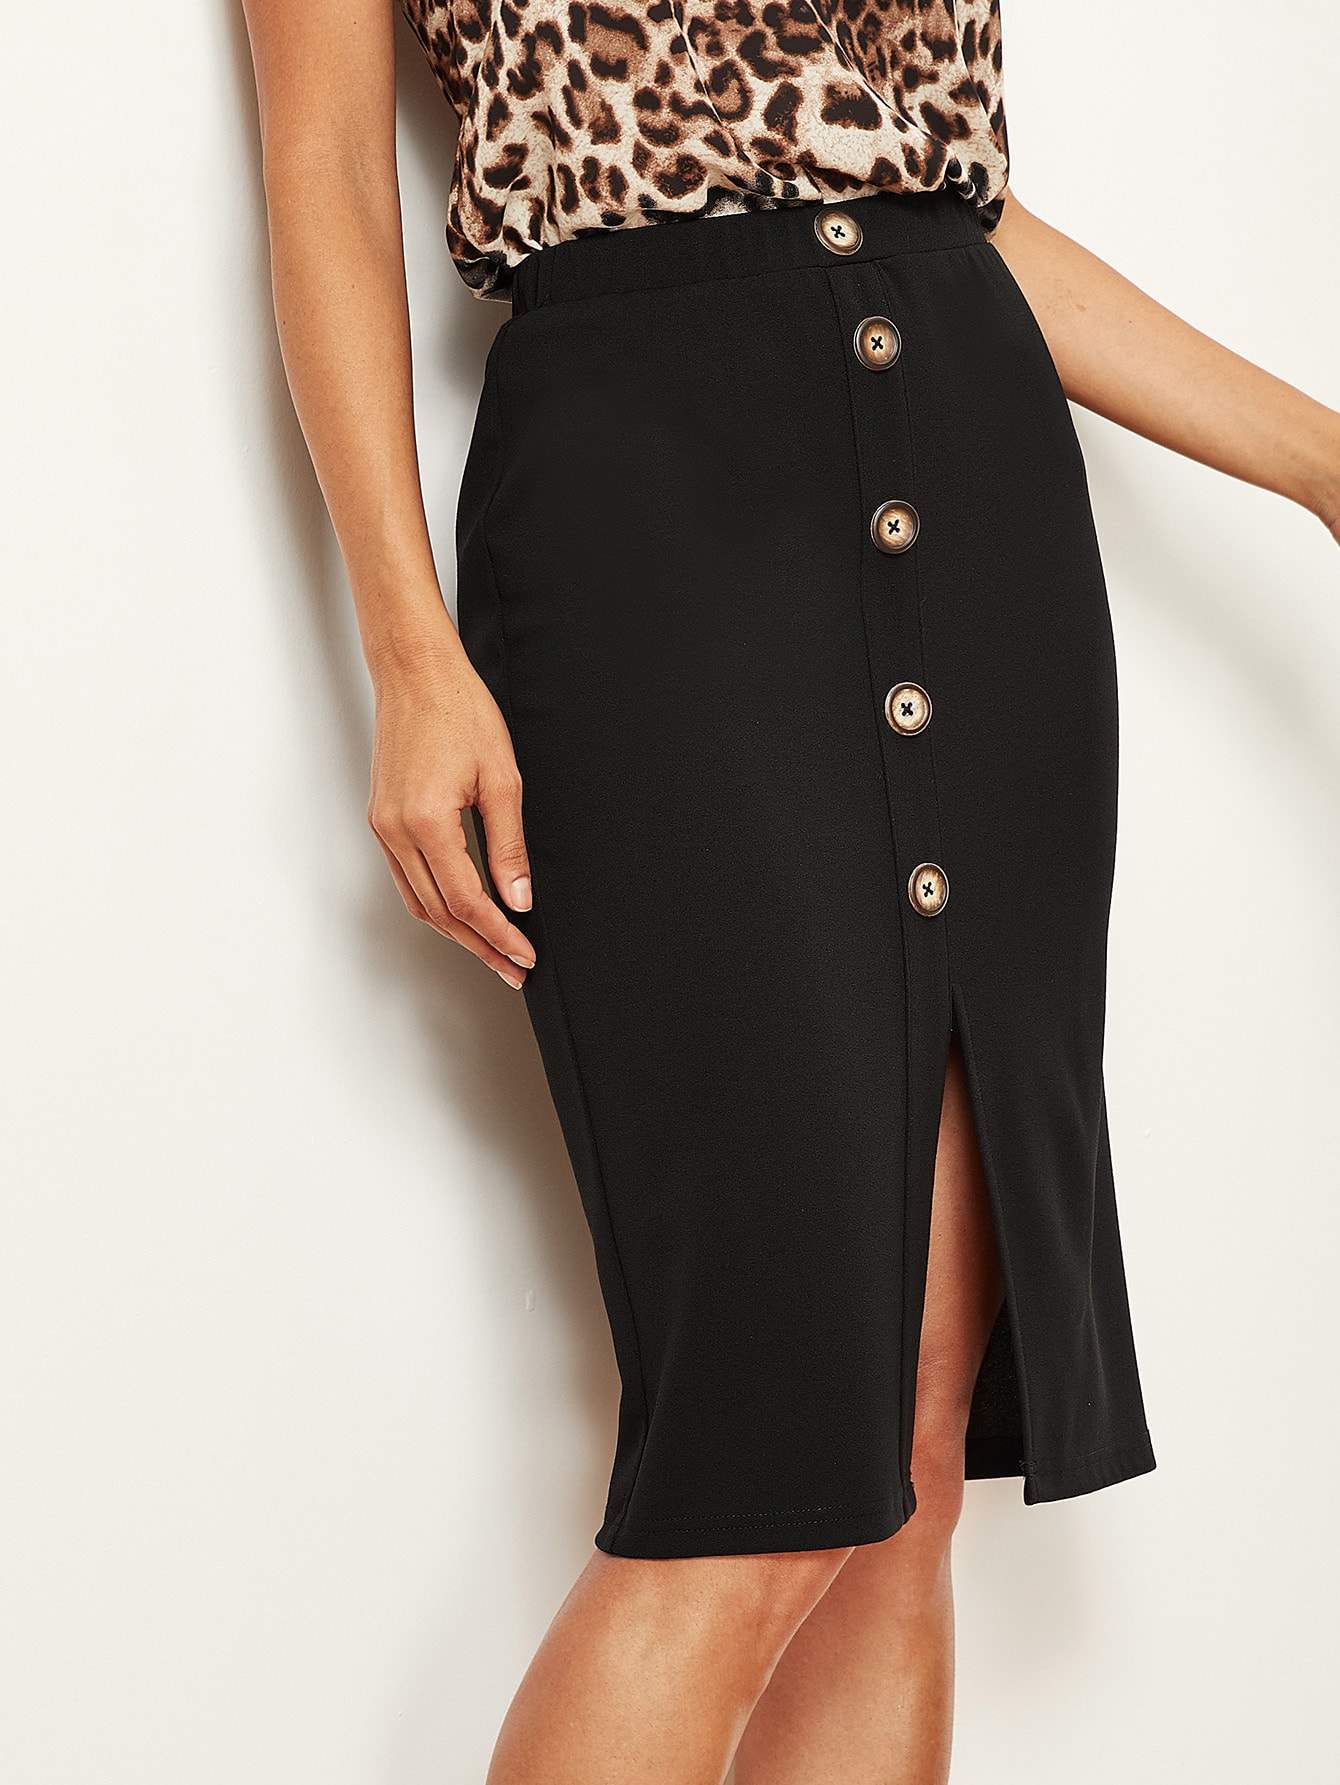 Купить Однотонная юбка с пуговицами и разрезом, Juliana, SheIn